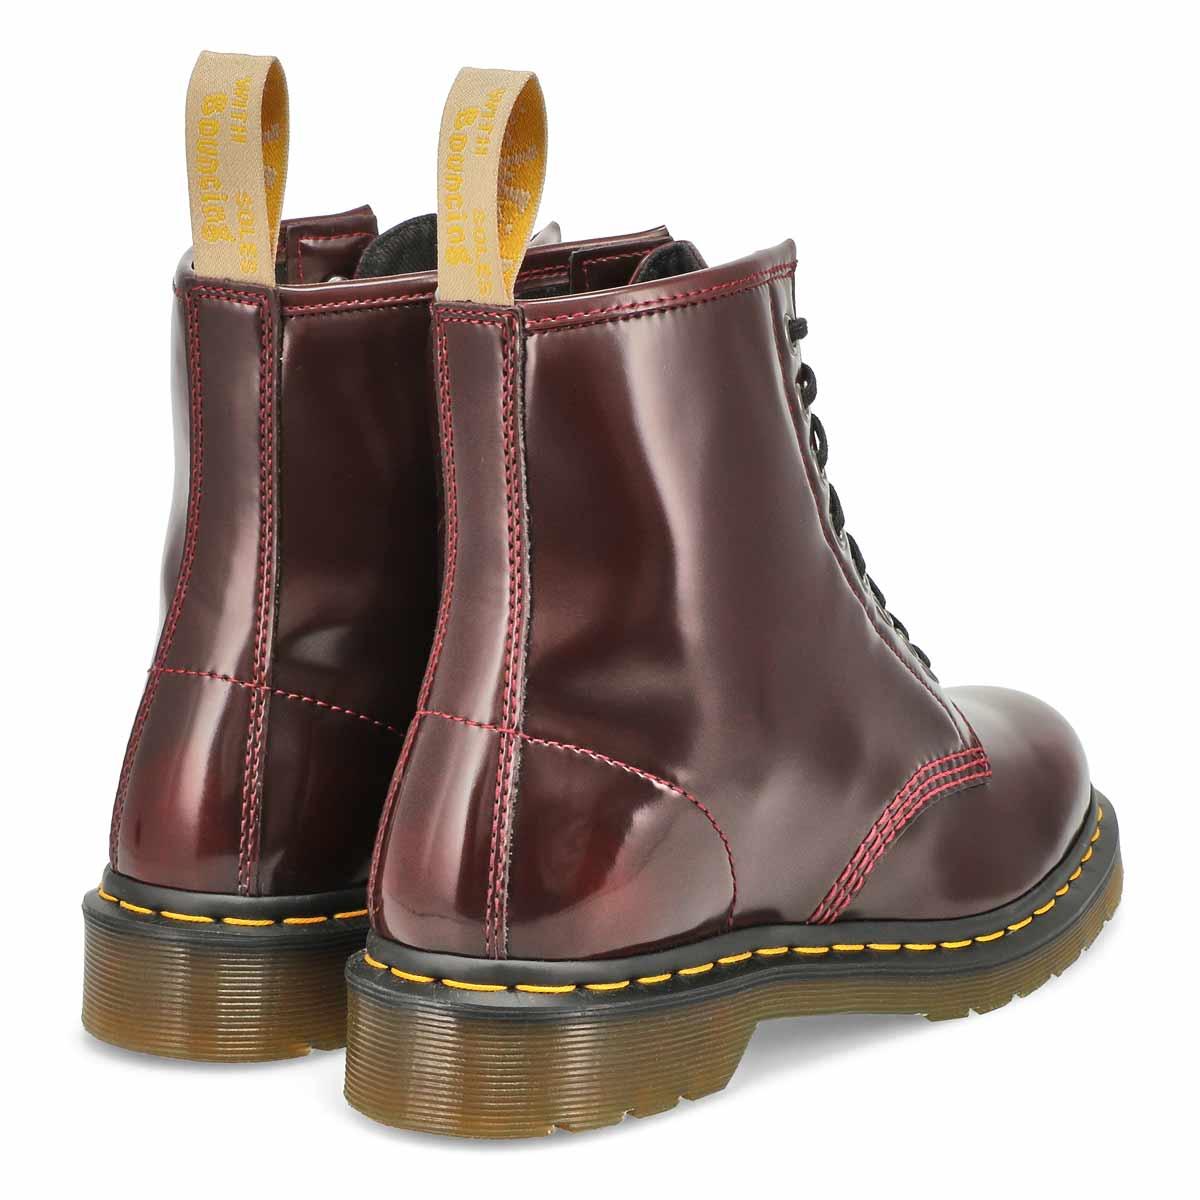 Women's Vegan 1460 8-Eye Smooth Boot - Cherry